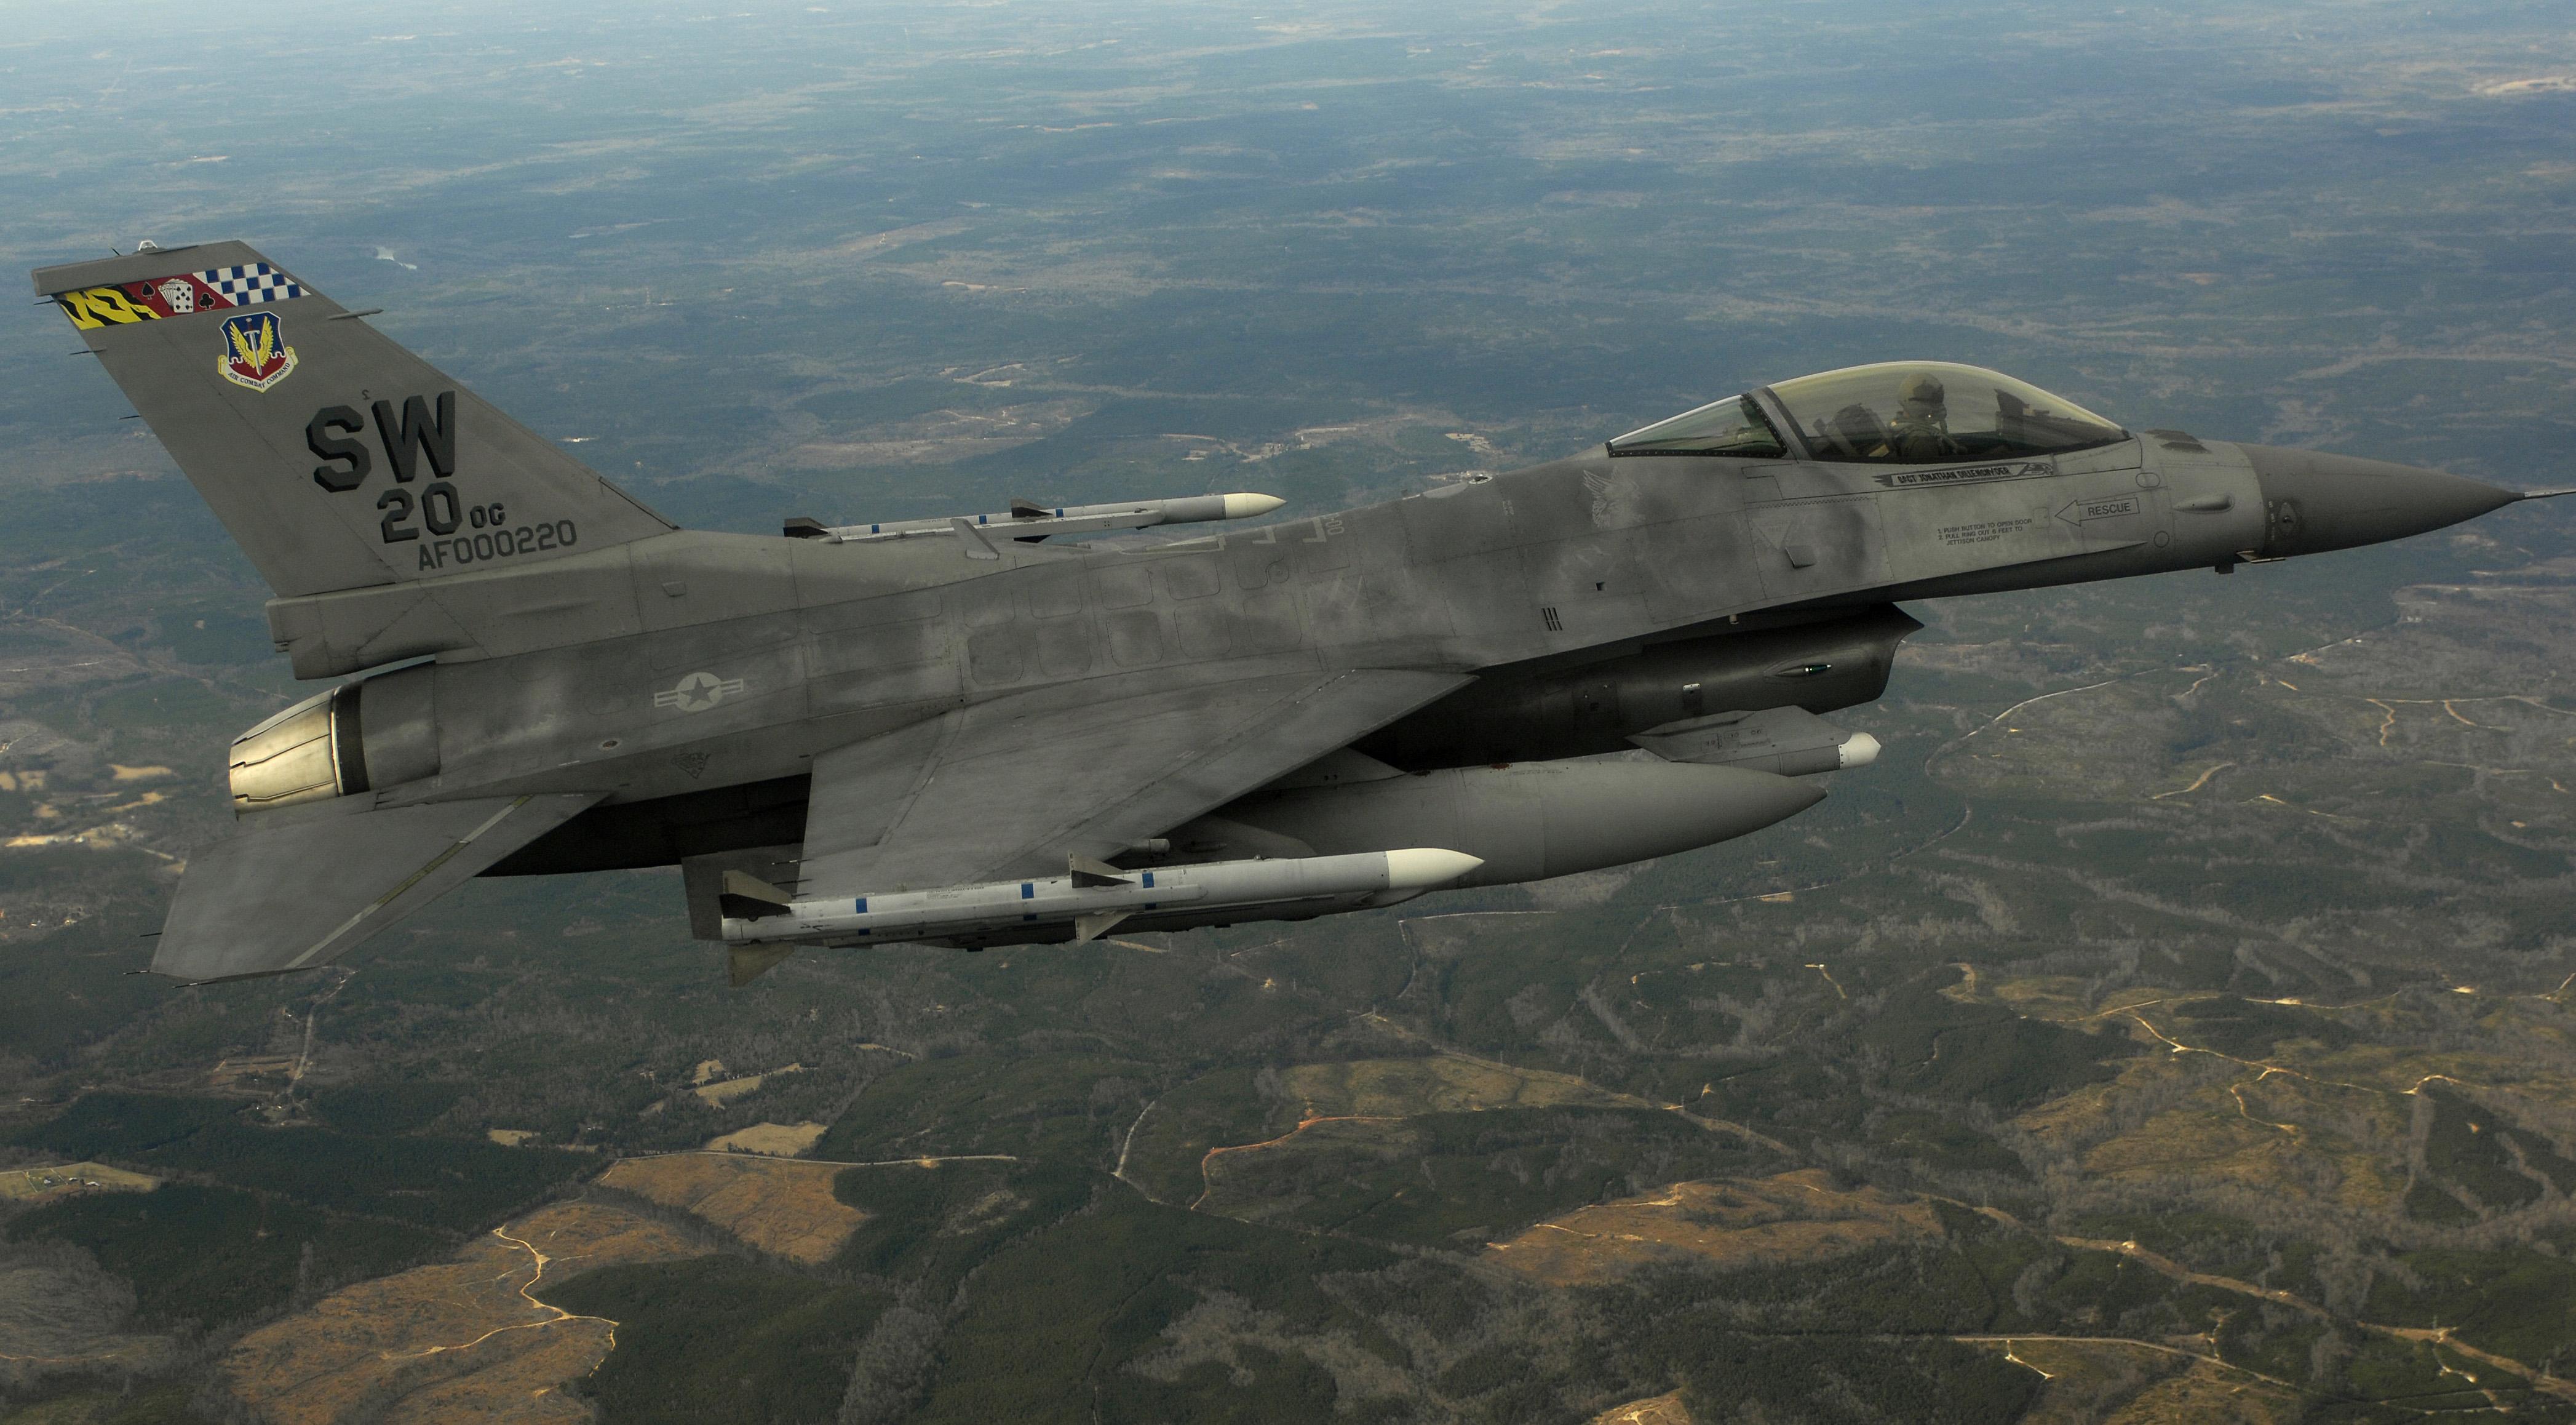 USAF F-16CJ Wild Weasel aircraft